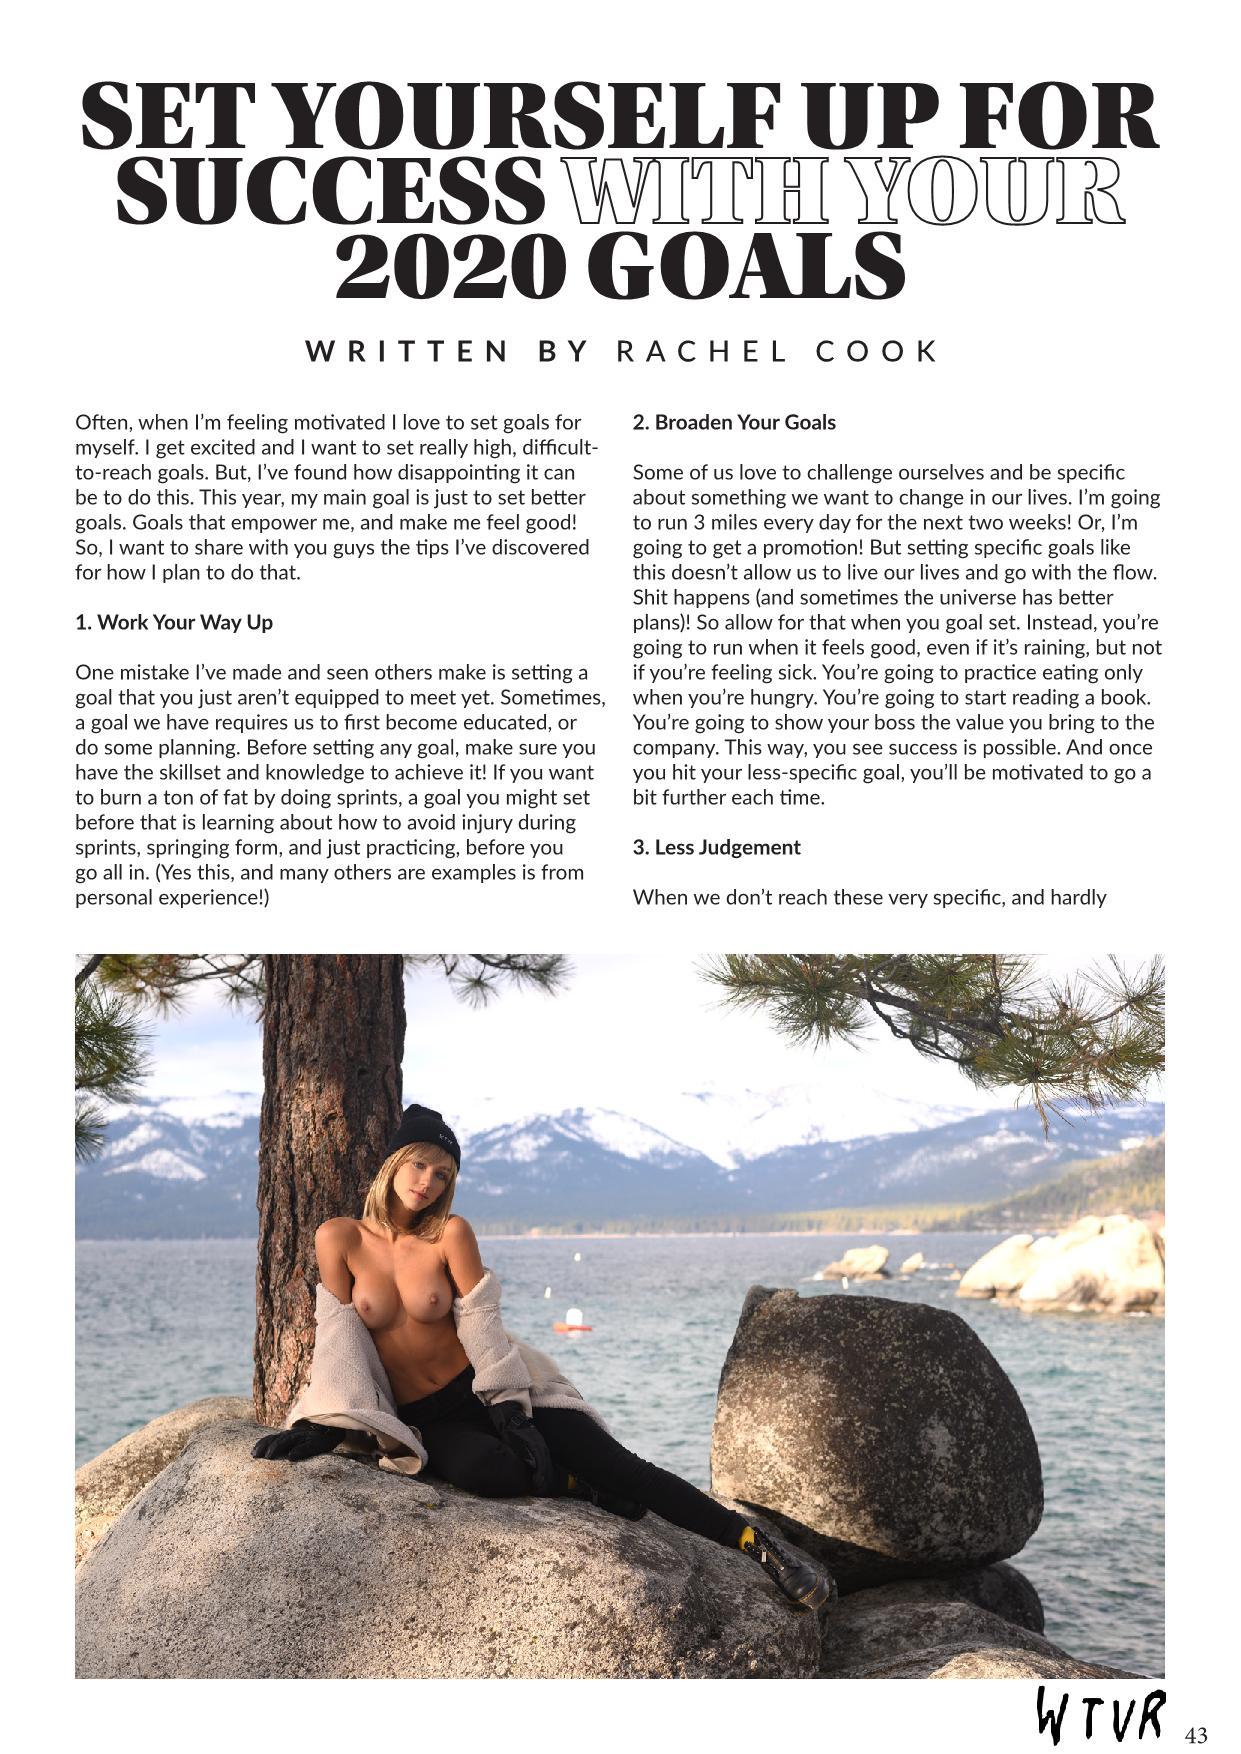 Rachel Cook, Alexis Rupp Nude – Wtvr Magazine №3 0041